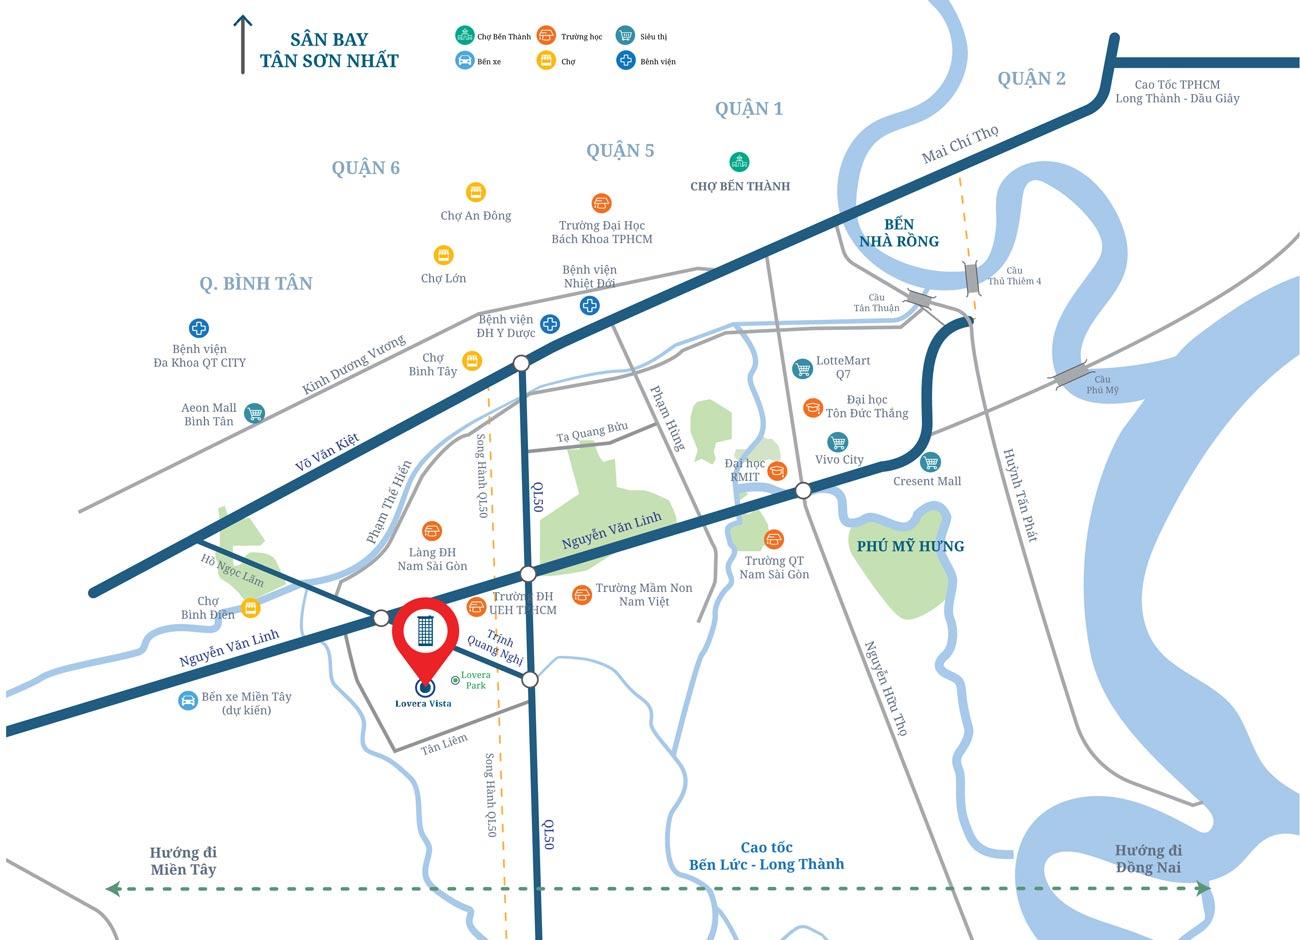 Vị trí căn hộ chung cư Lovera Vista chủ đầu tư Khang Điền tọa lạc trong quần thể các dự án căn hộ, nhà phố Lovera Park, cao cấp hiện hữu. Ở địa chỉ KDC Phong Phú 4 (Việt Phú BCCI) đường Trịnh Quang Nghị, Phong Phú, Bình Chánh -HCM.